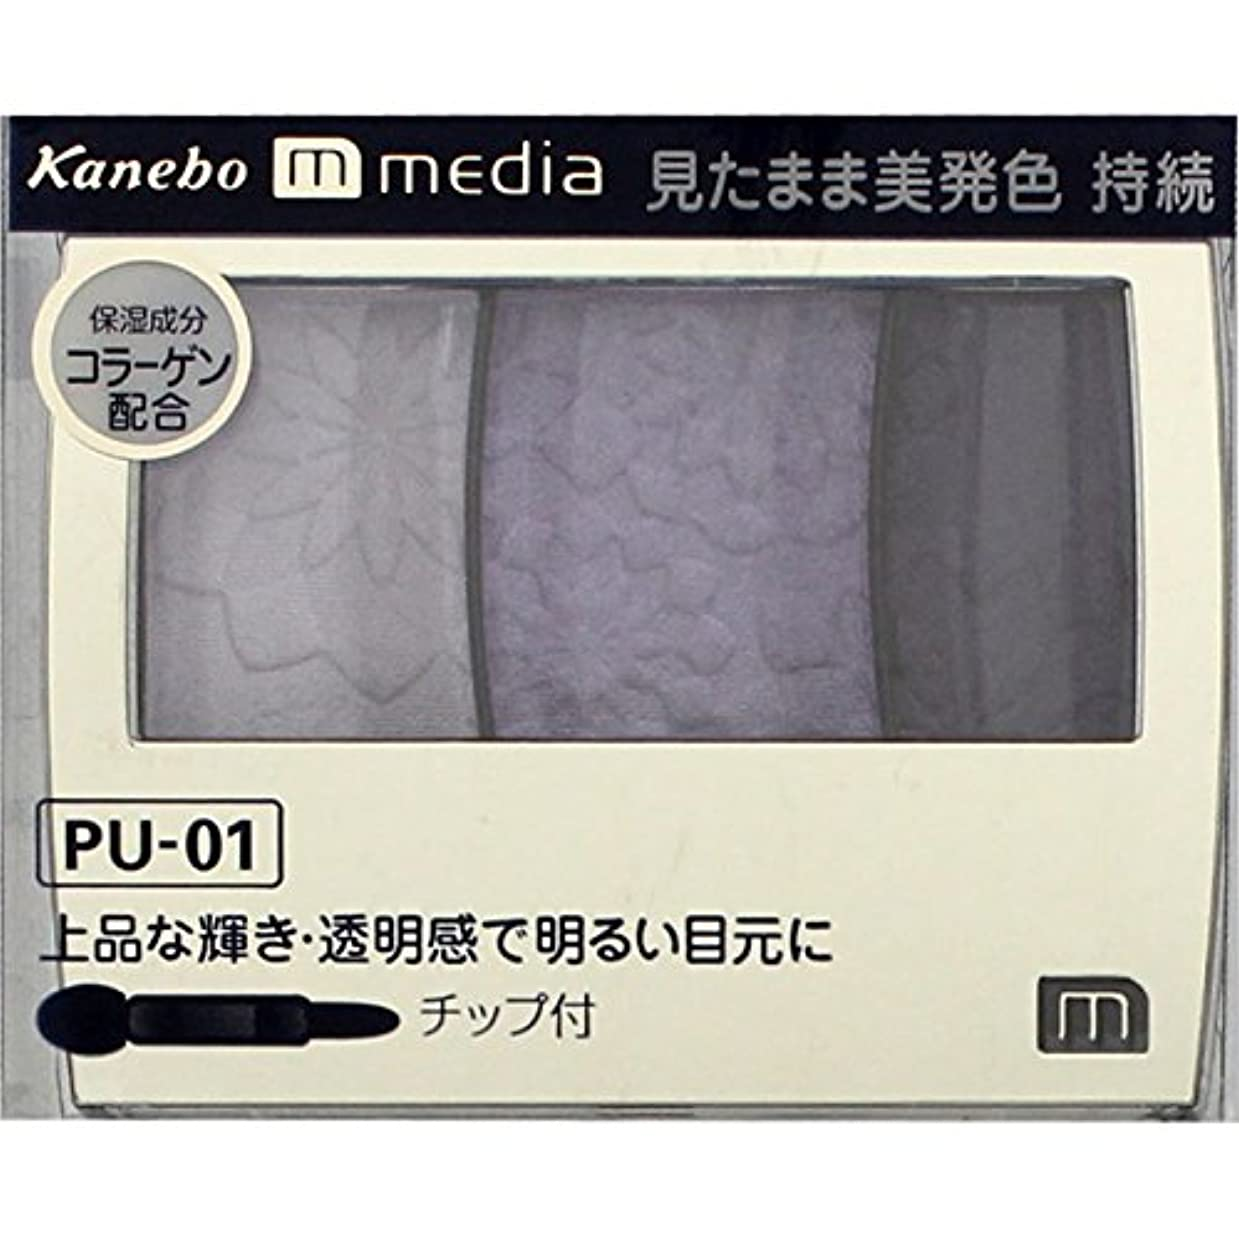 有利バレエ解決カネボウ メディア(media)グラデカラーアイシャドウ カラー:PU-01